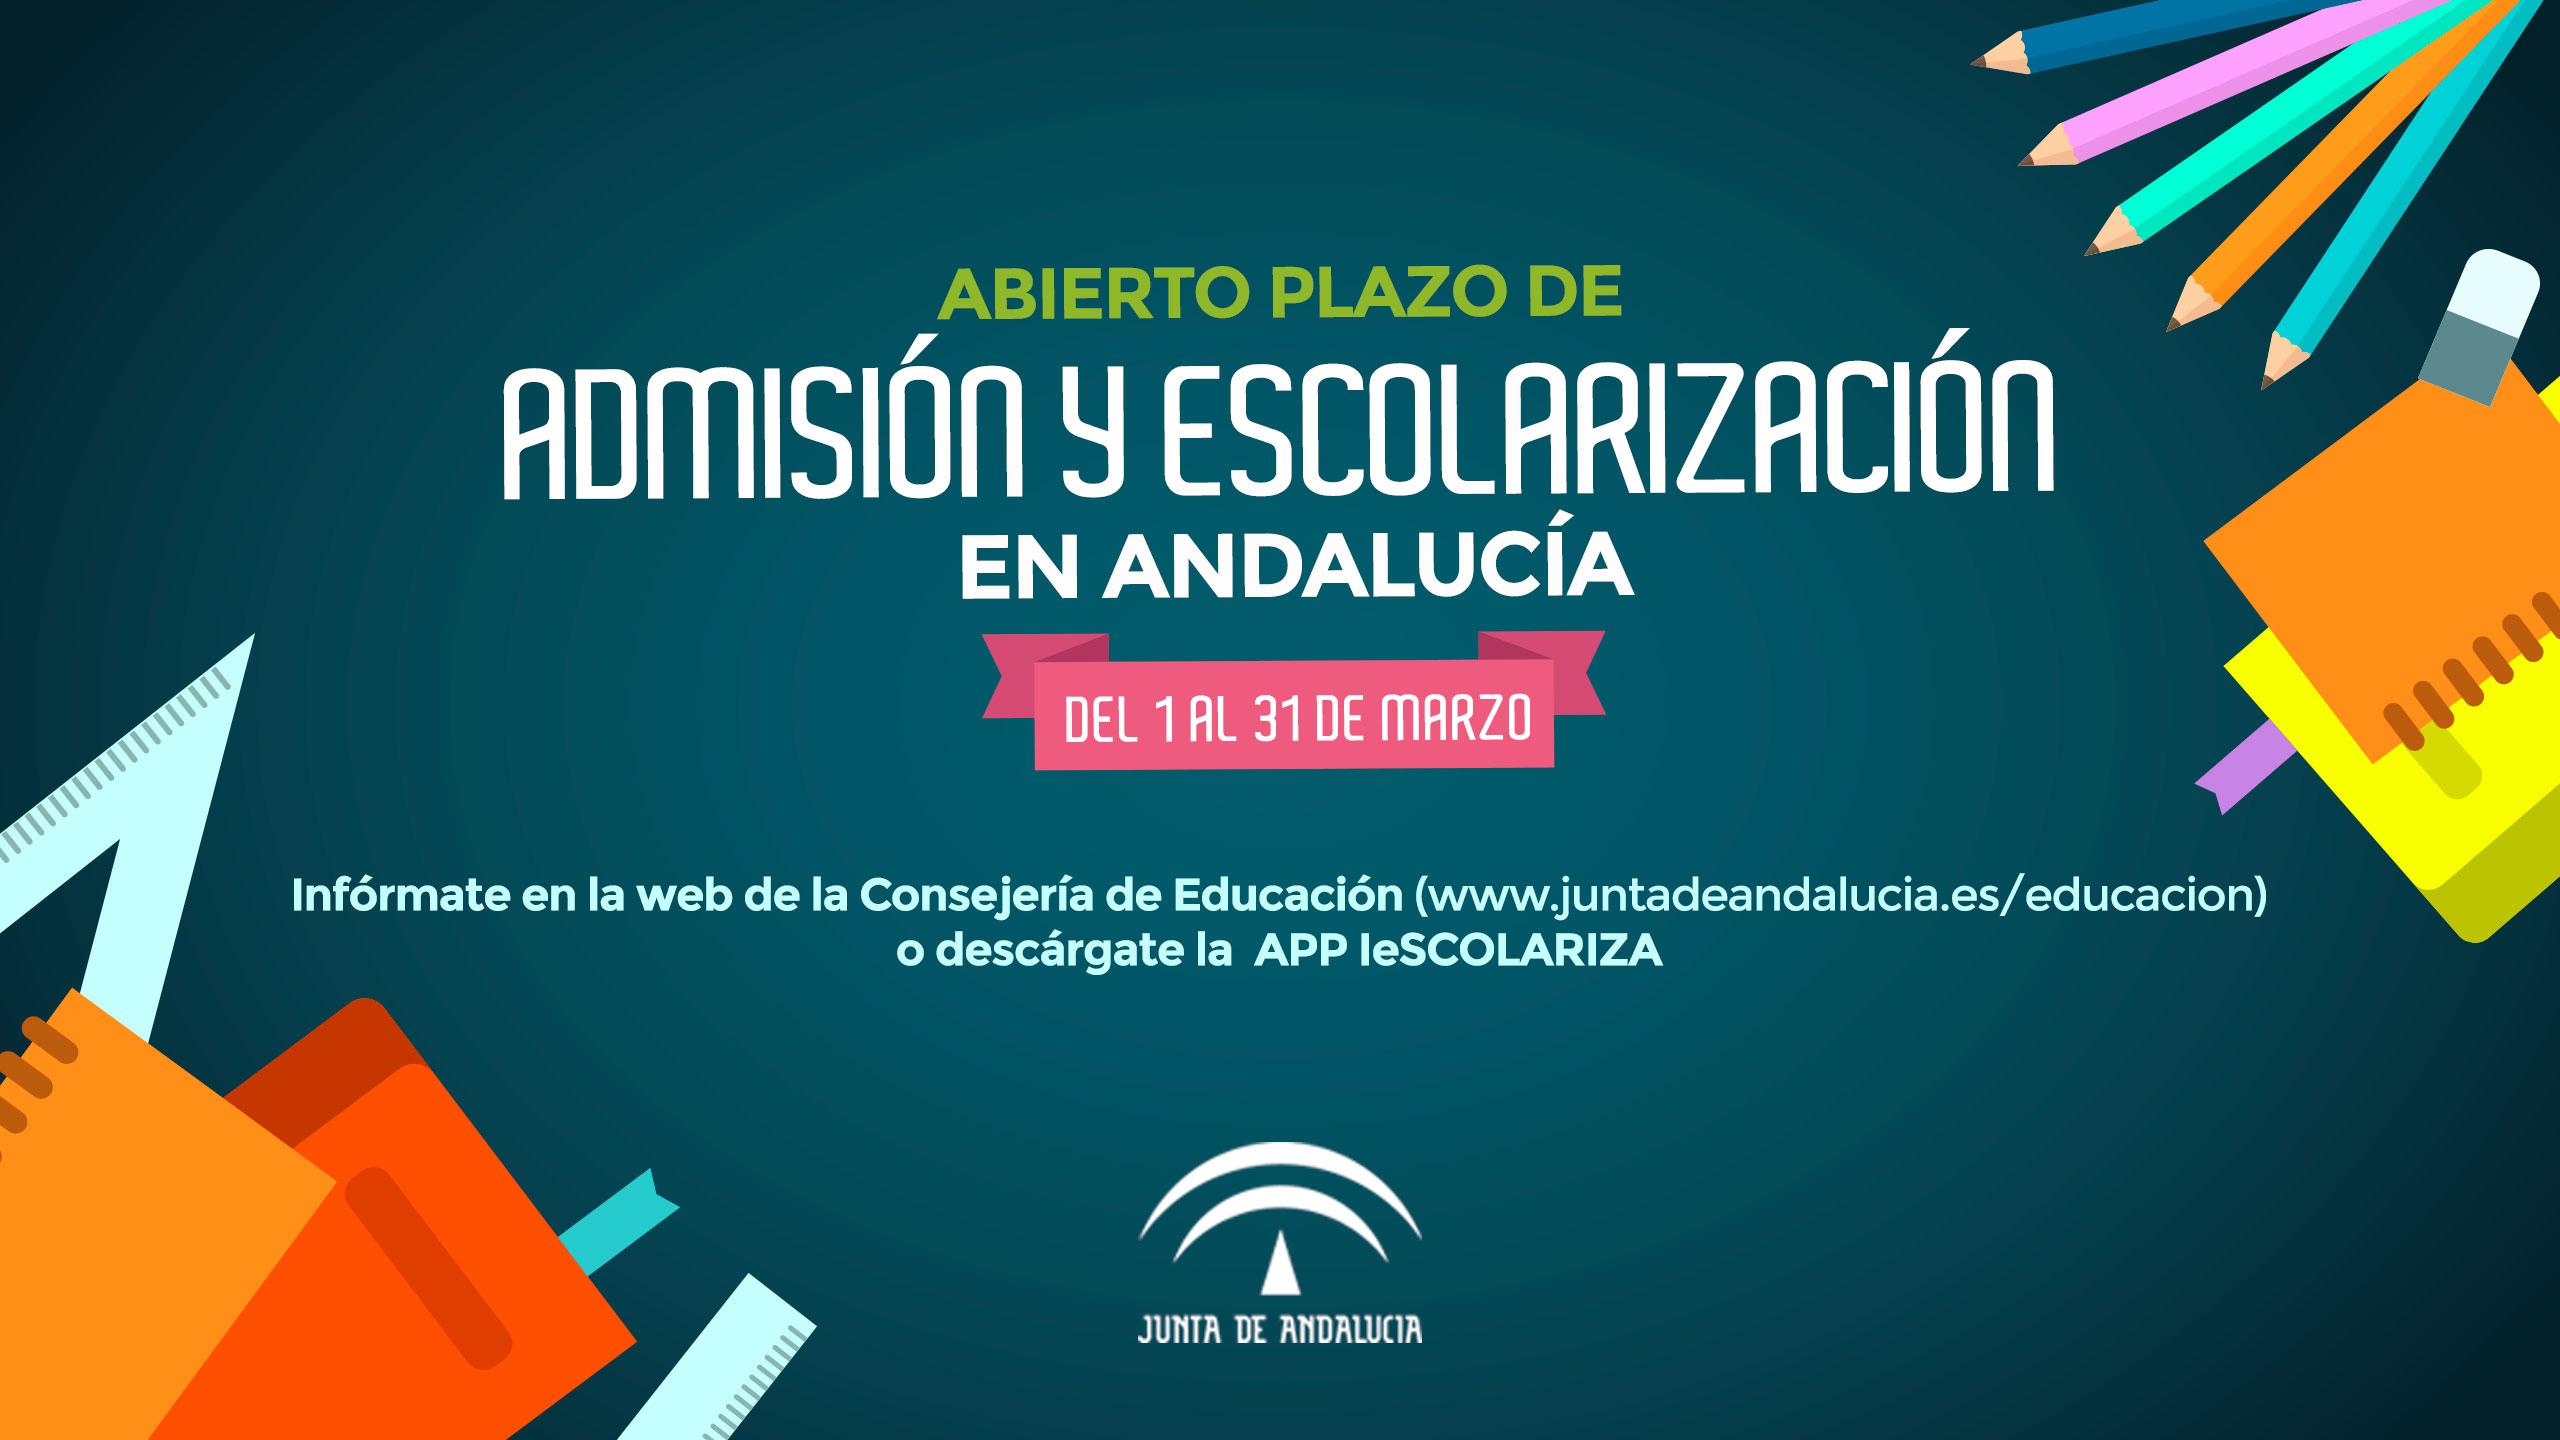 Escolarización: Admisión y escolarización en Andalucía. Del 1 al 31 de marzo